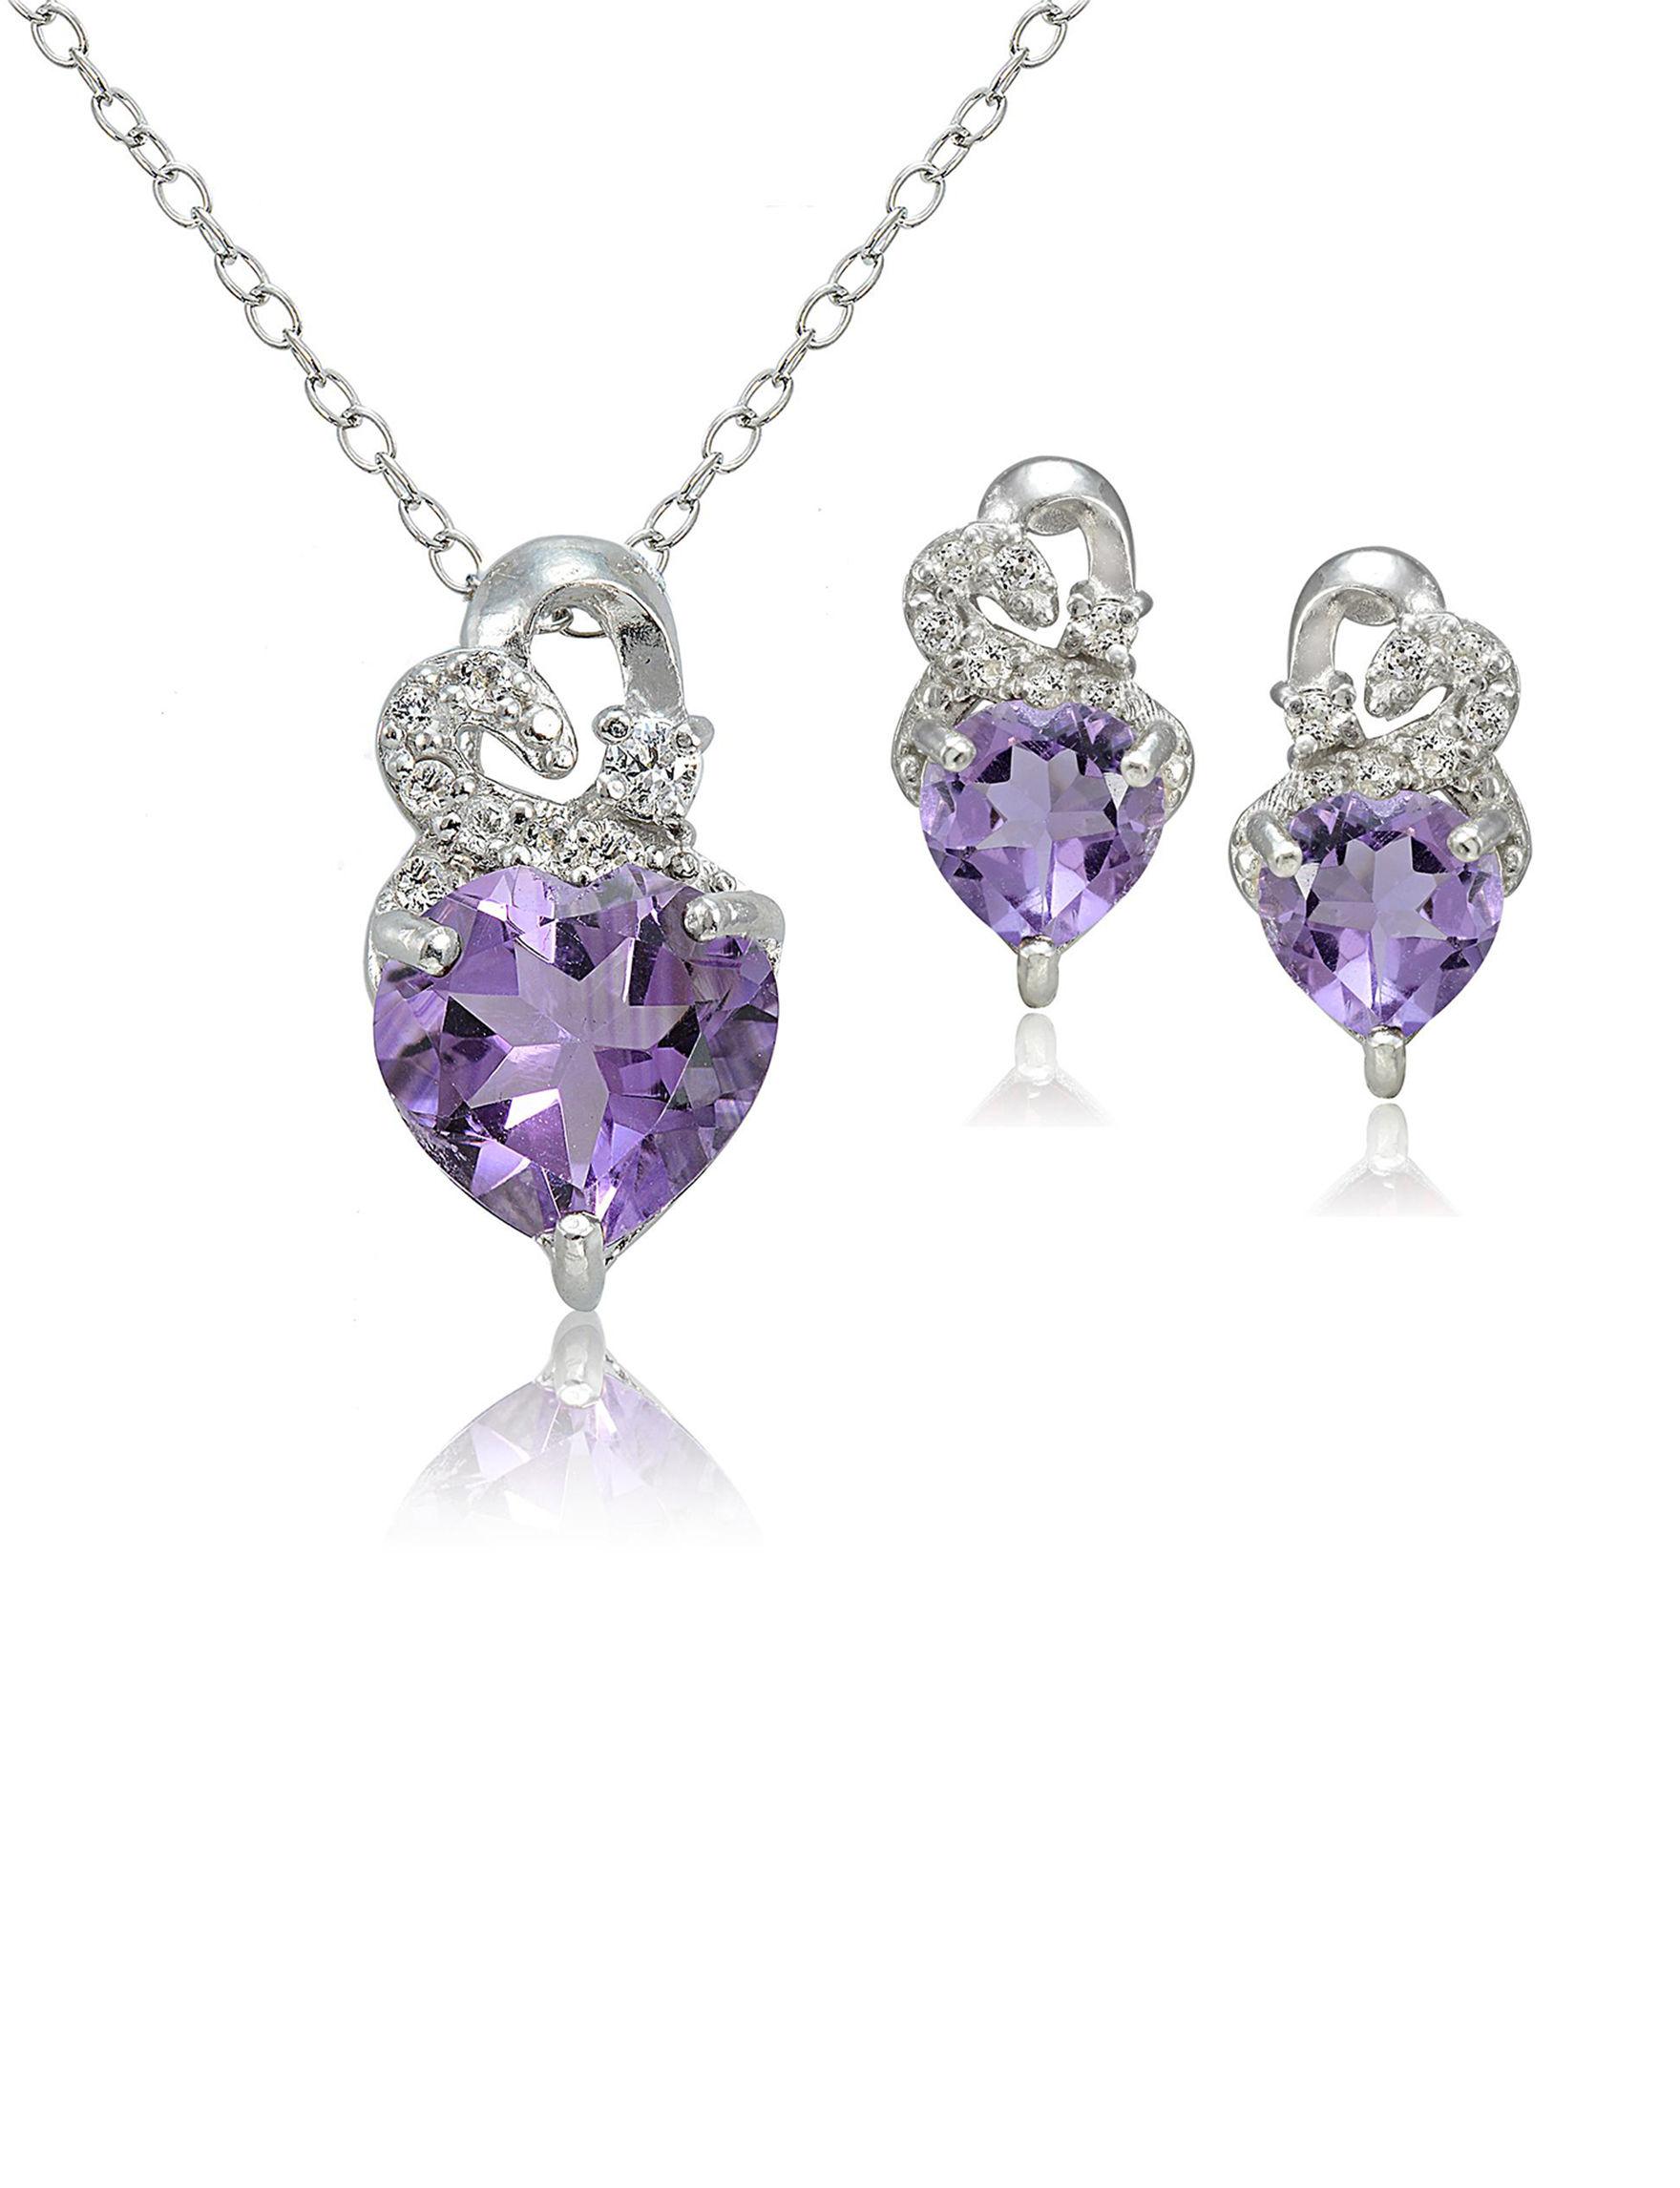 FMC Purple Earrings Necklaces & Pendants Fine Jewelry